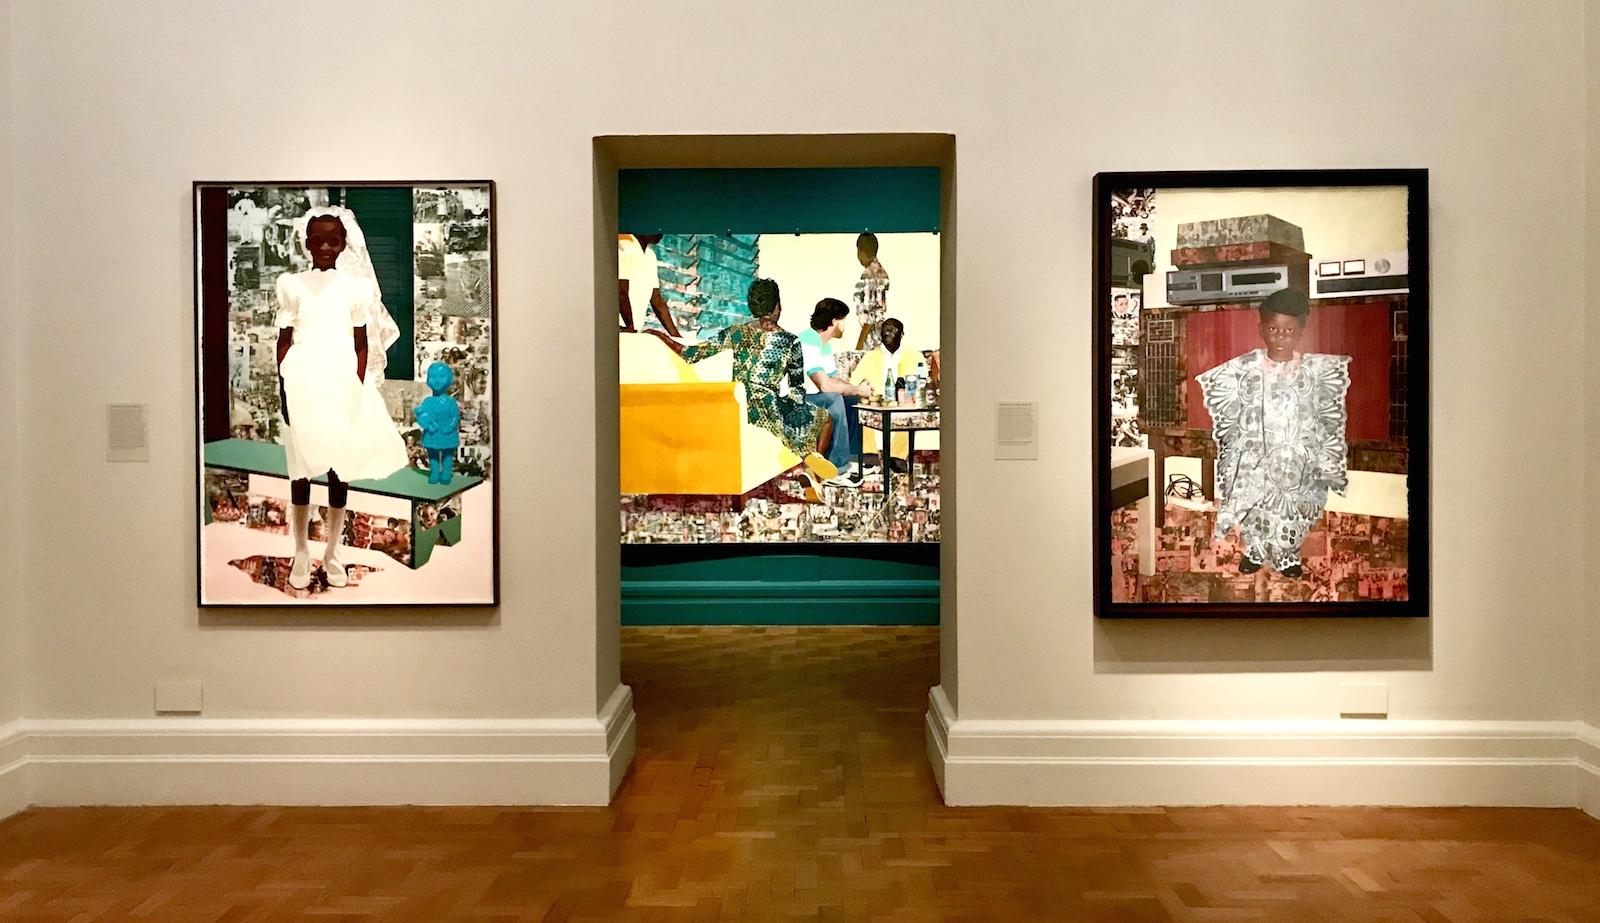 Njideka Akunyili Crosby's exhibition The Beautyful Ones